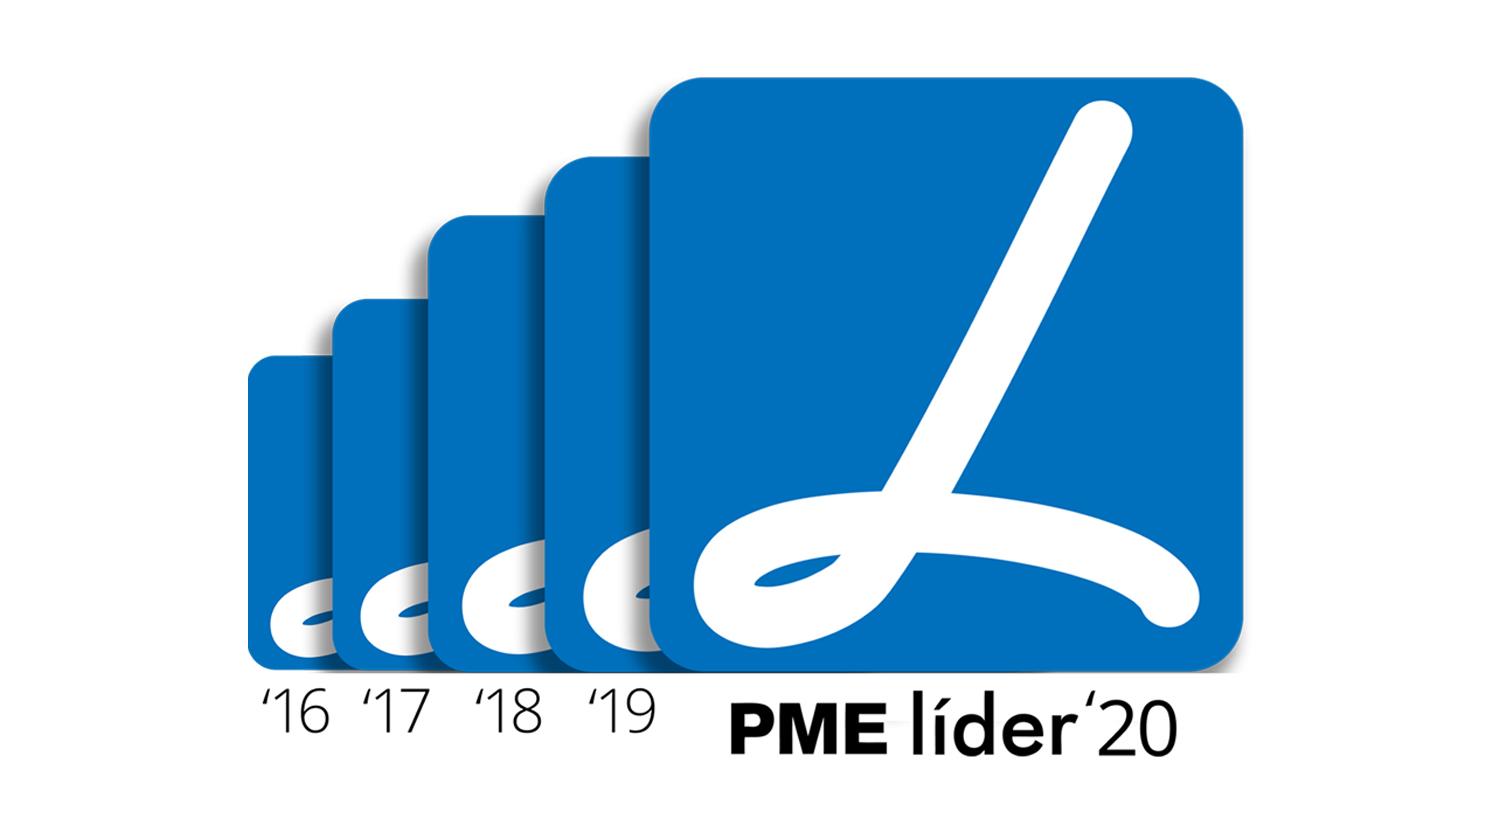 <b>PME Líder 2020</b> - 5º Ano Consecutivo!